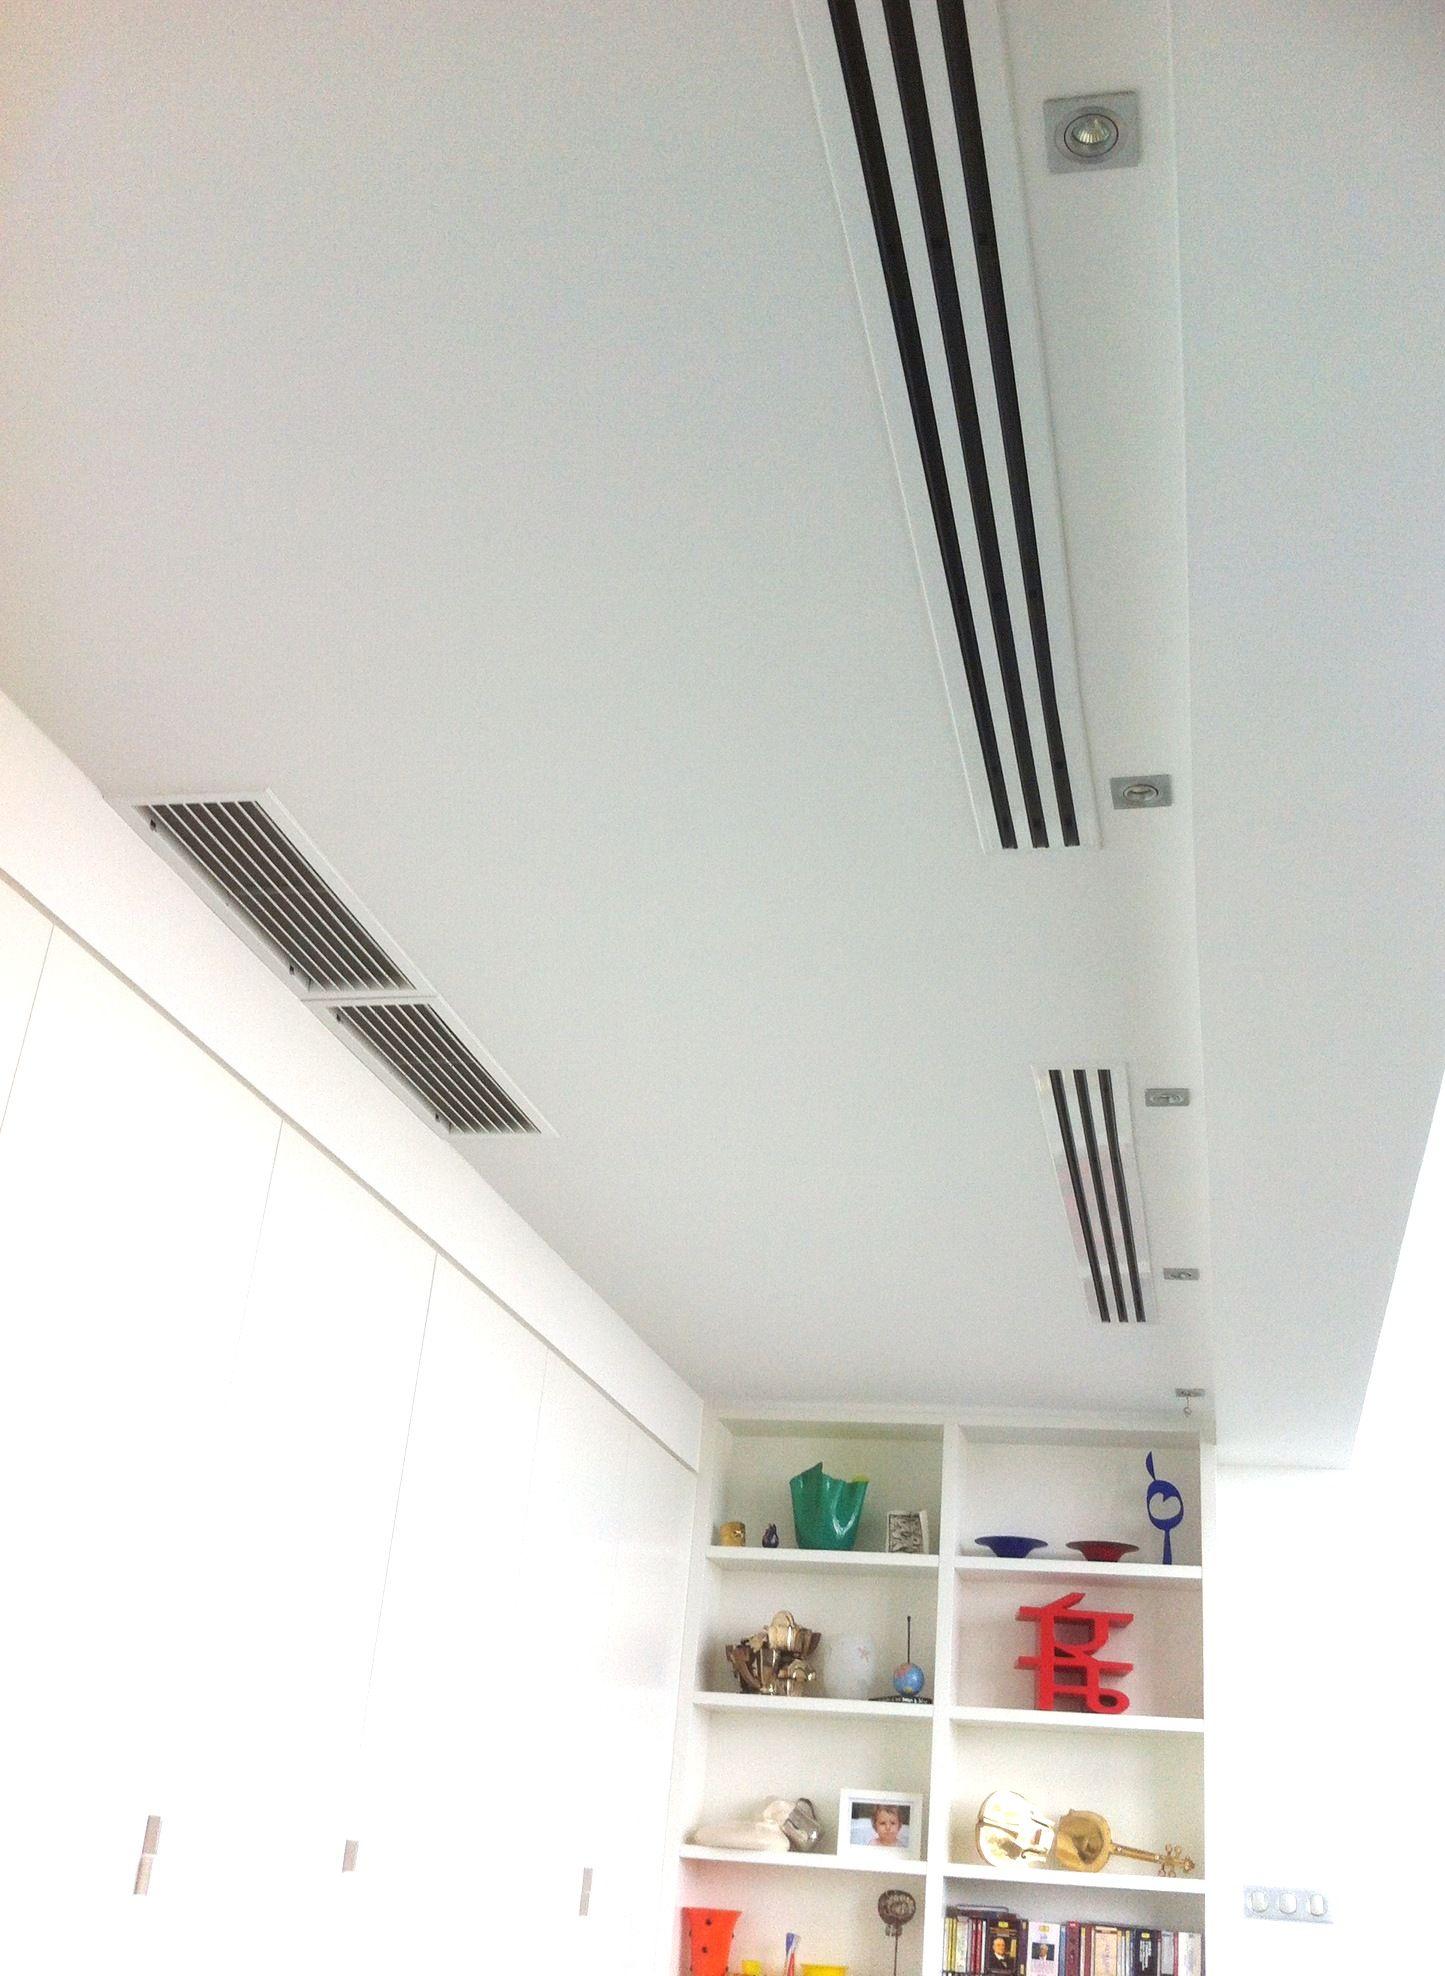 Diffusion Par Grille A Fentes En Faux Plafond With Images